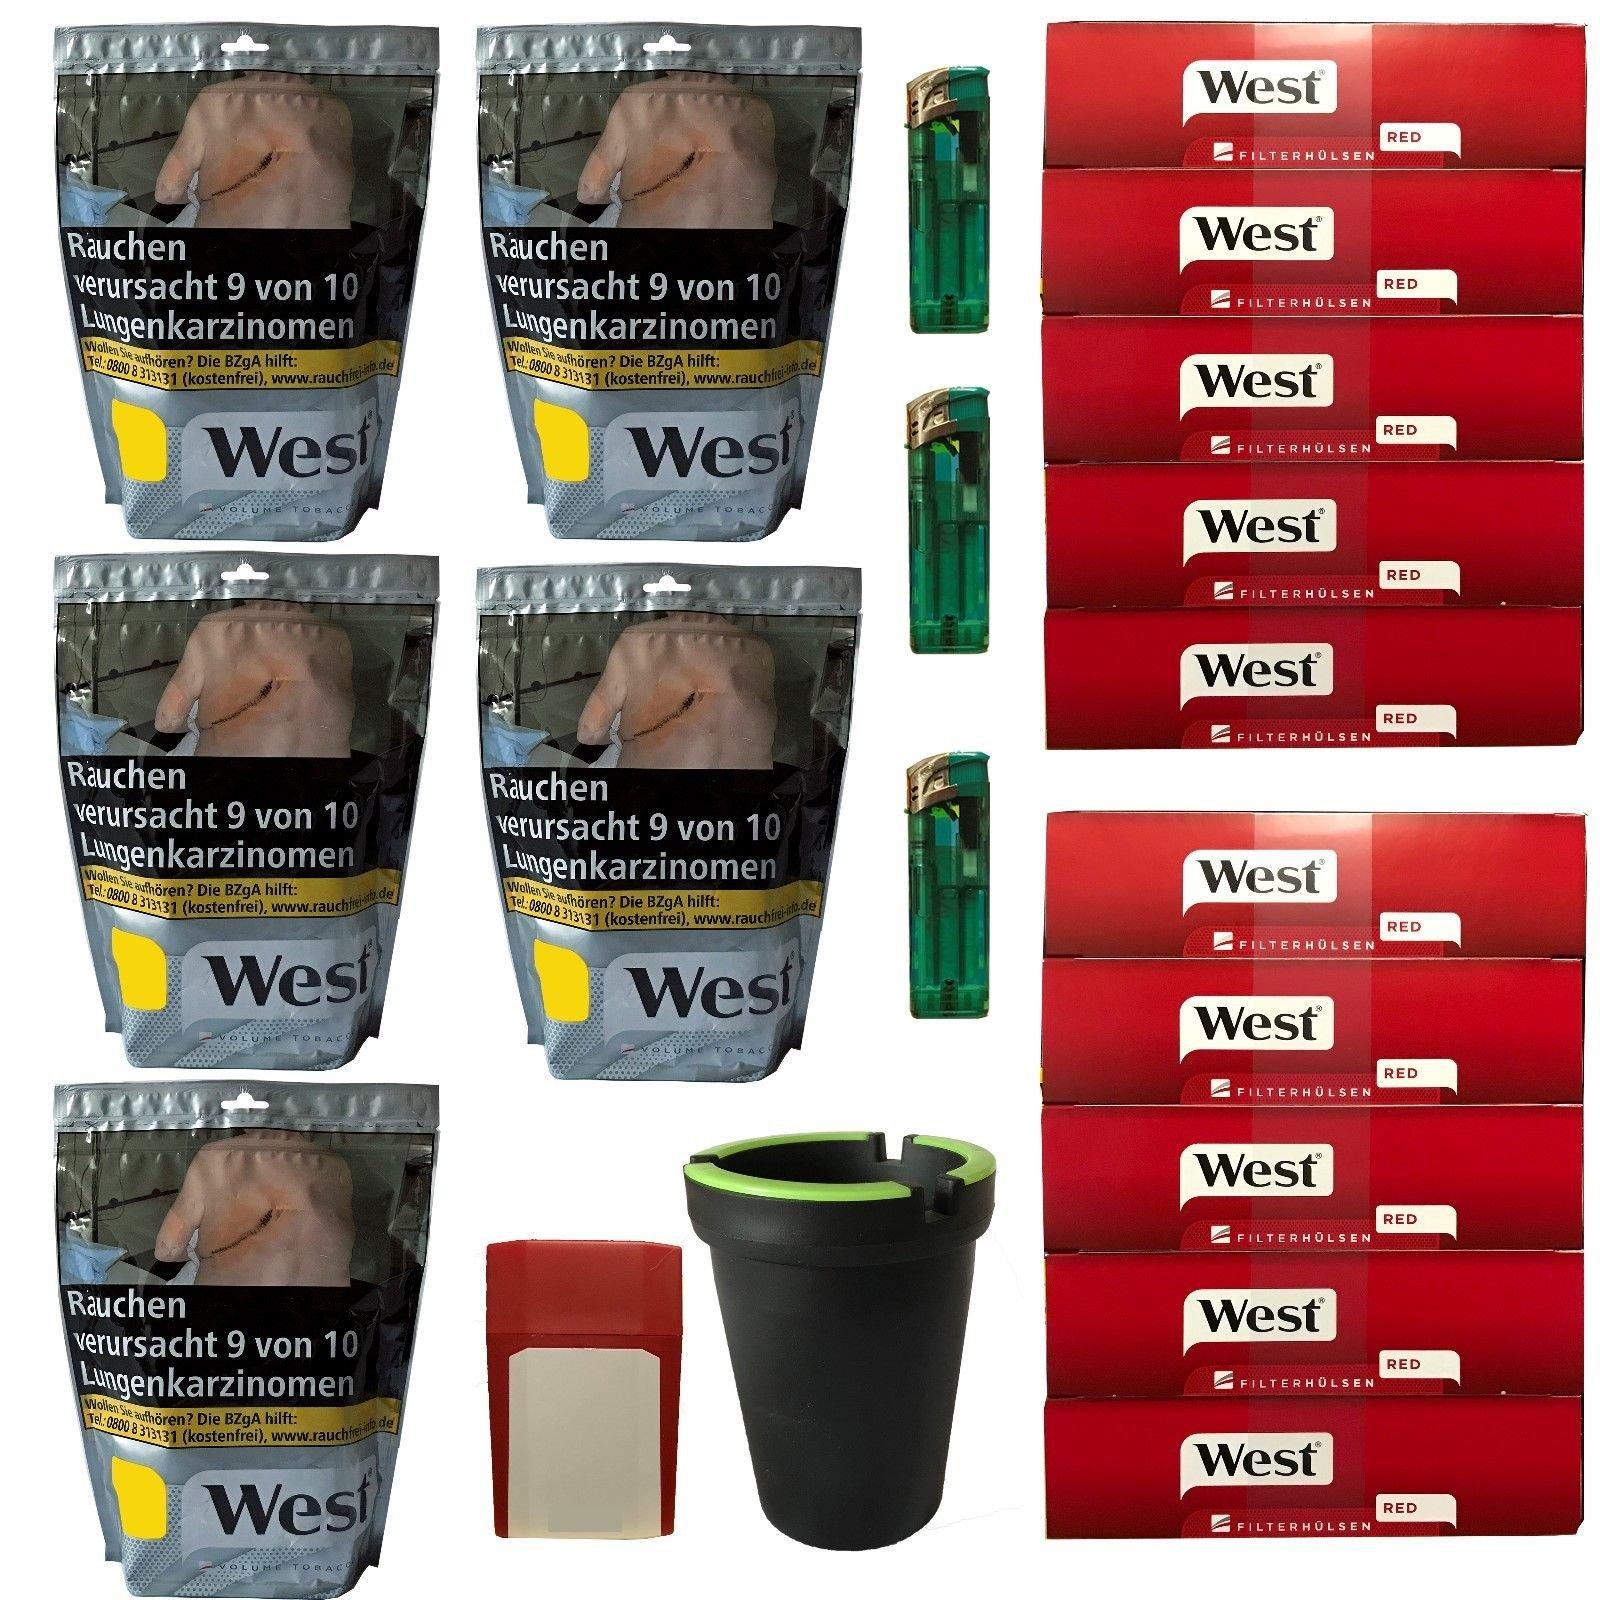 5x West Silver Tabak à 105g Volumentabak, Hülsen, Feuerz, Aschenb., Box[West Silber Hülsen]